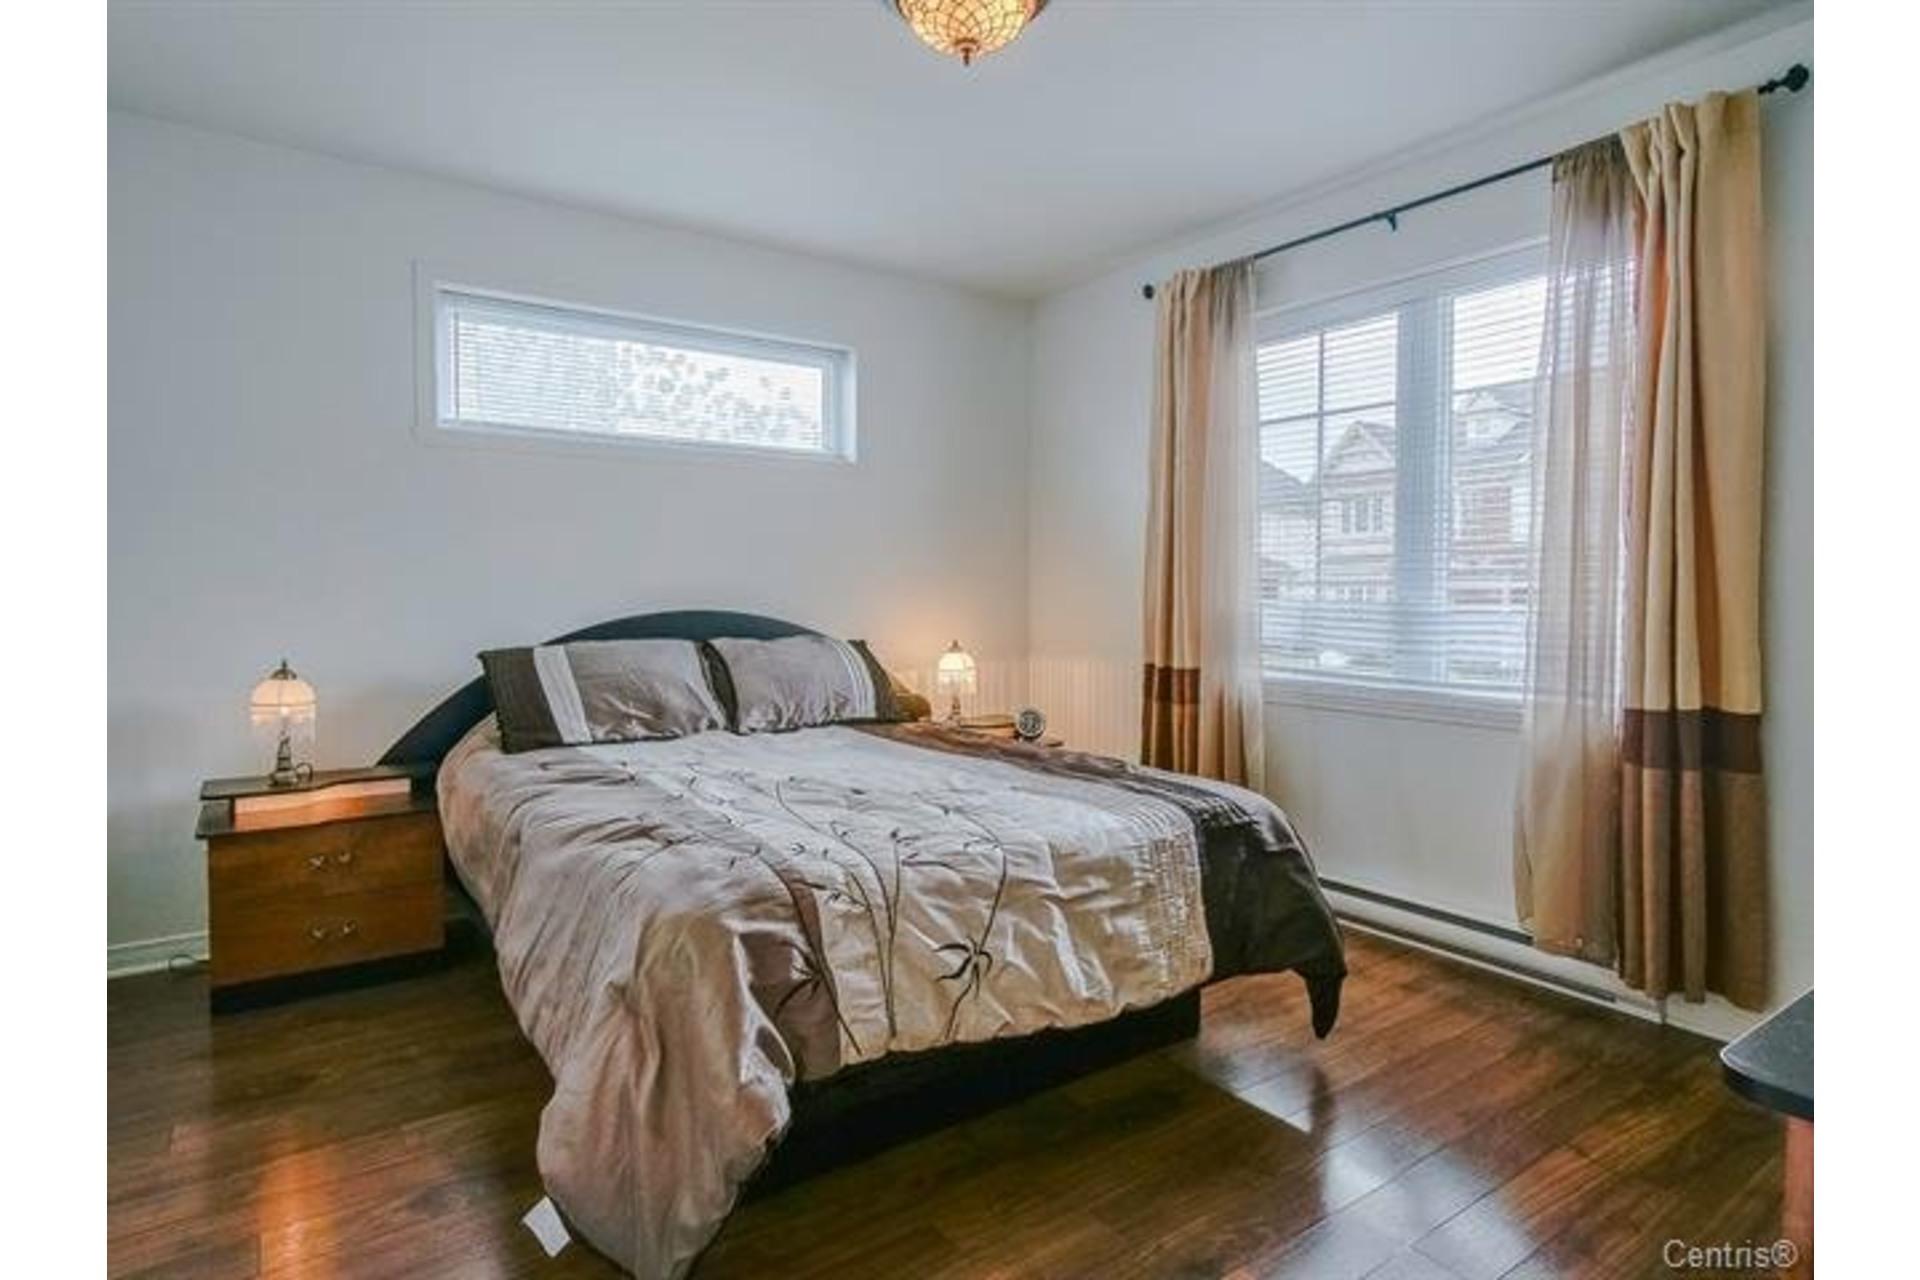 image 7 - Appartement À louer Vaudreuil-Dorion - 7 pièces